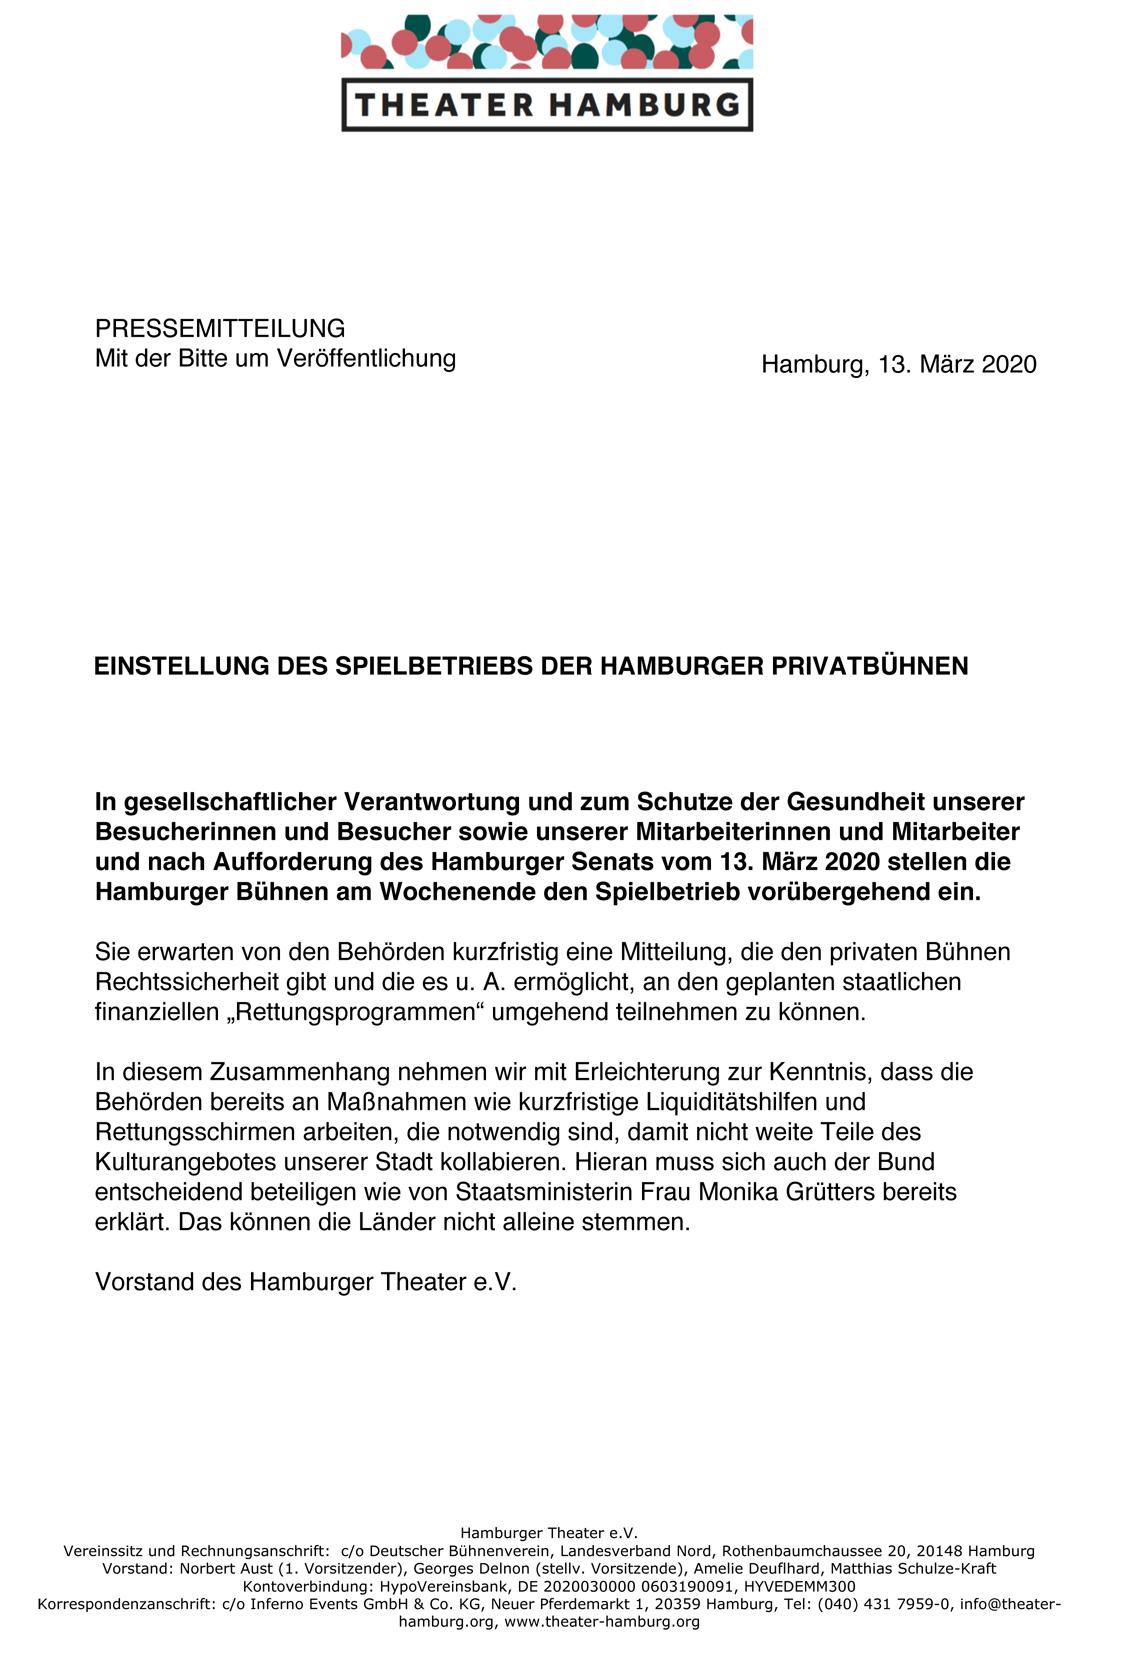 Die BURG - Theater am Biedermannplatz, stellt seinen Betrieb ein.